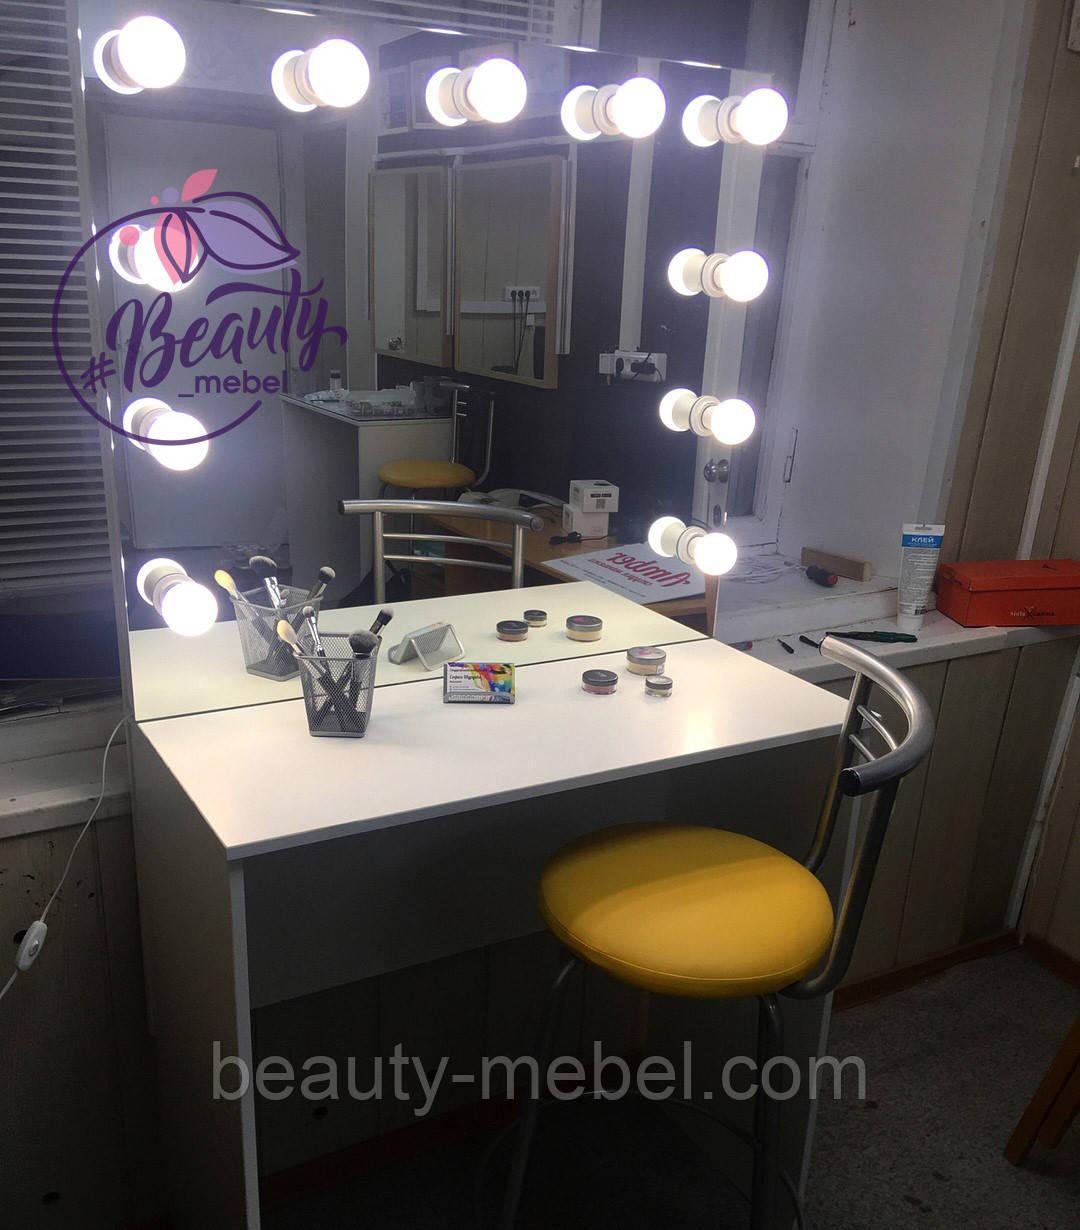 Гримерный стол с зеркалом без рамы, столик для макияжа с лампами